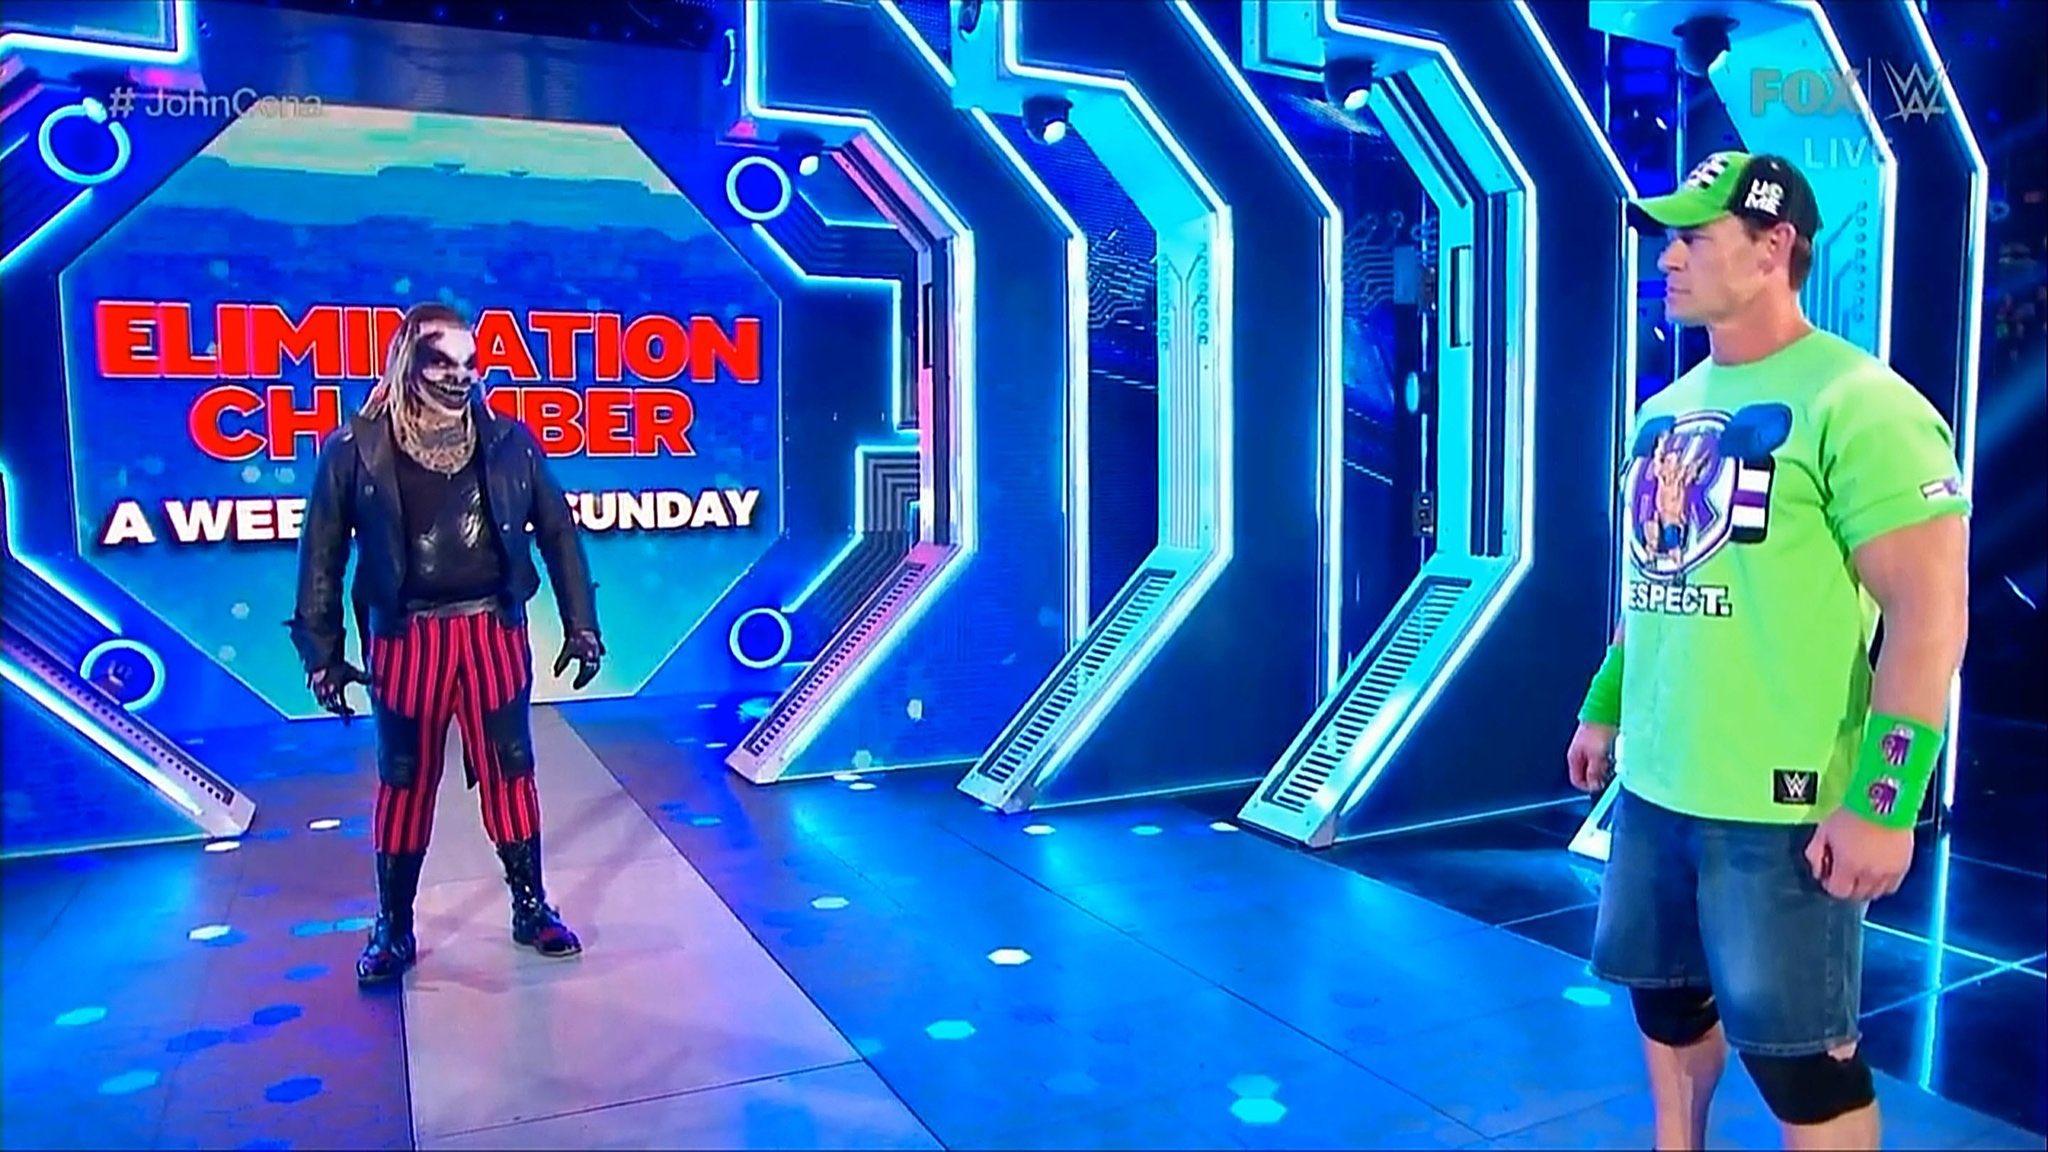 John Cena vs The Fiend